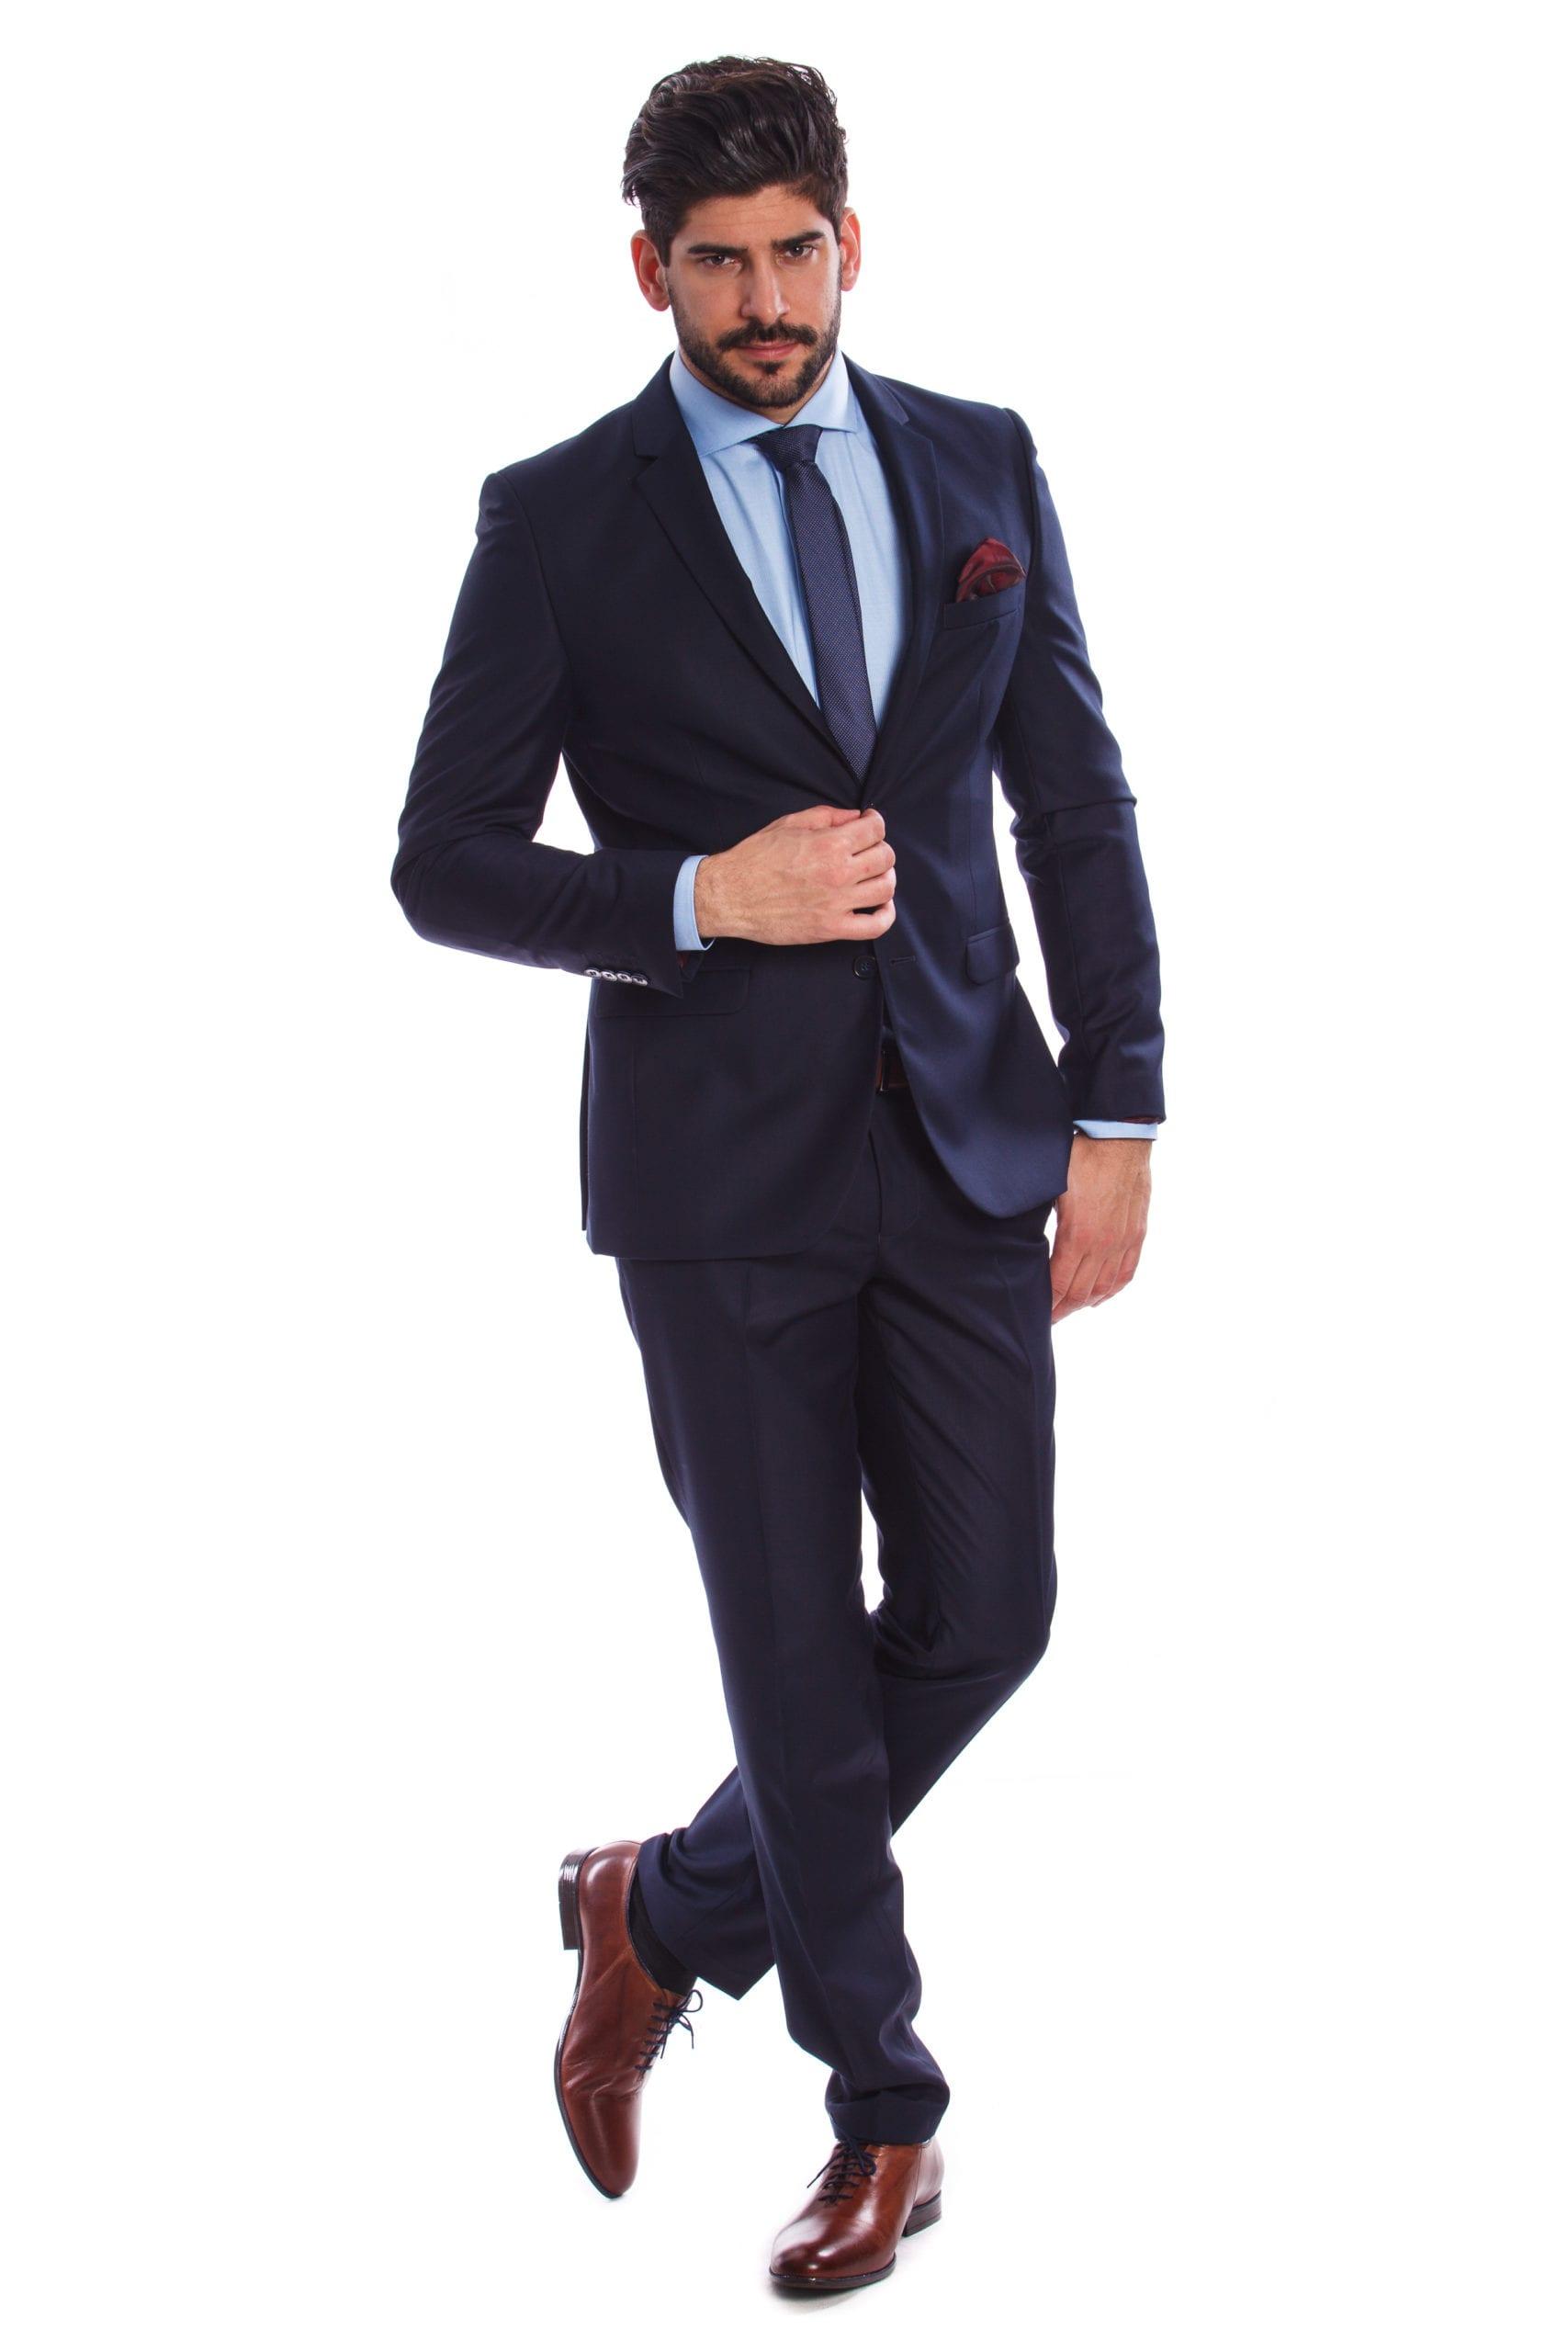 3428cb92c9 Imola Sötétkék Slim Fit Öltönyzakó - Elite Fashion Öltönyház